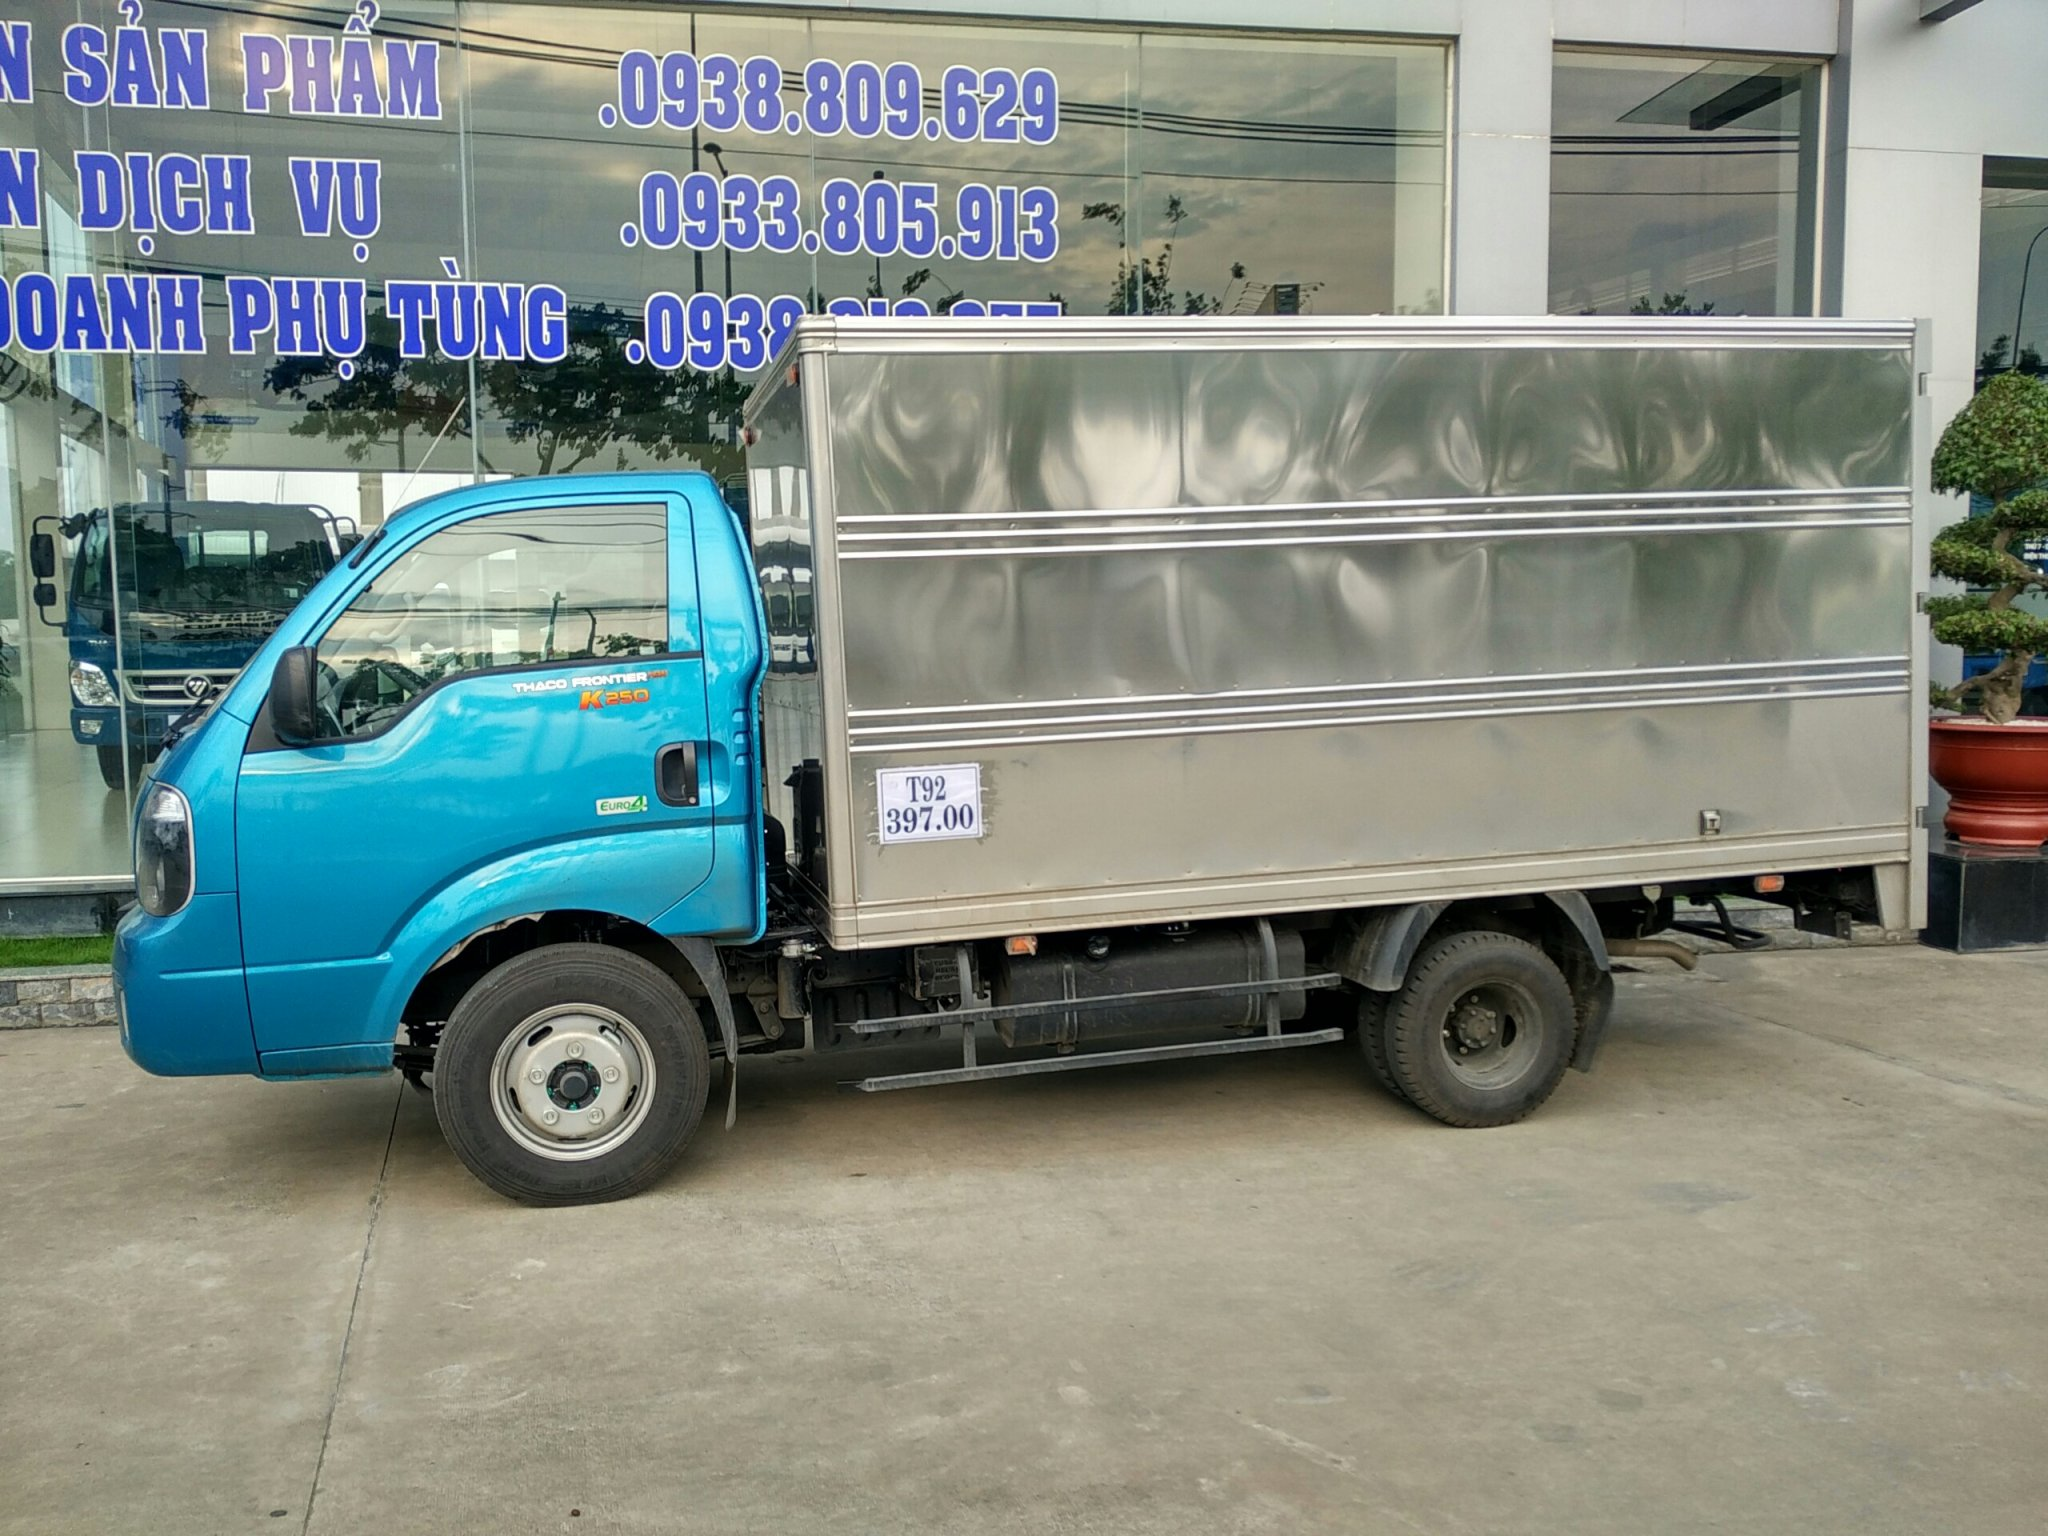 Bán xe KIA THACO NEW FRONTIER K250 - 2tấn490